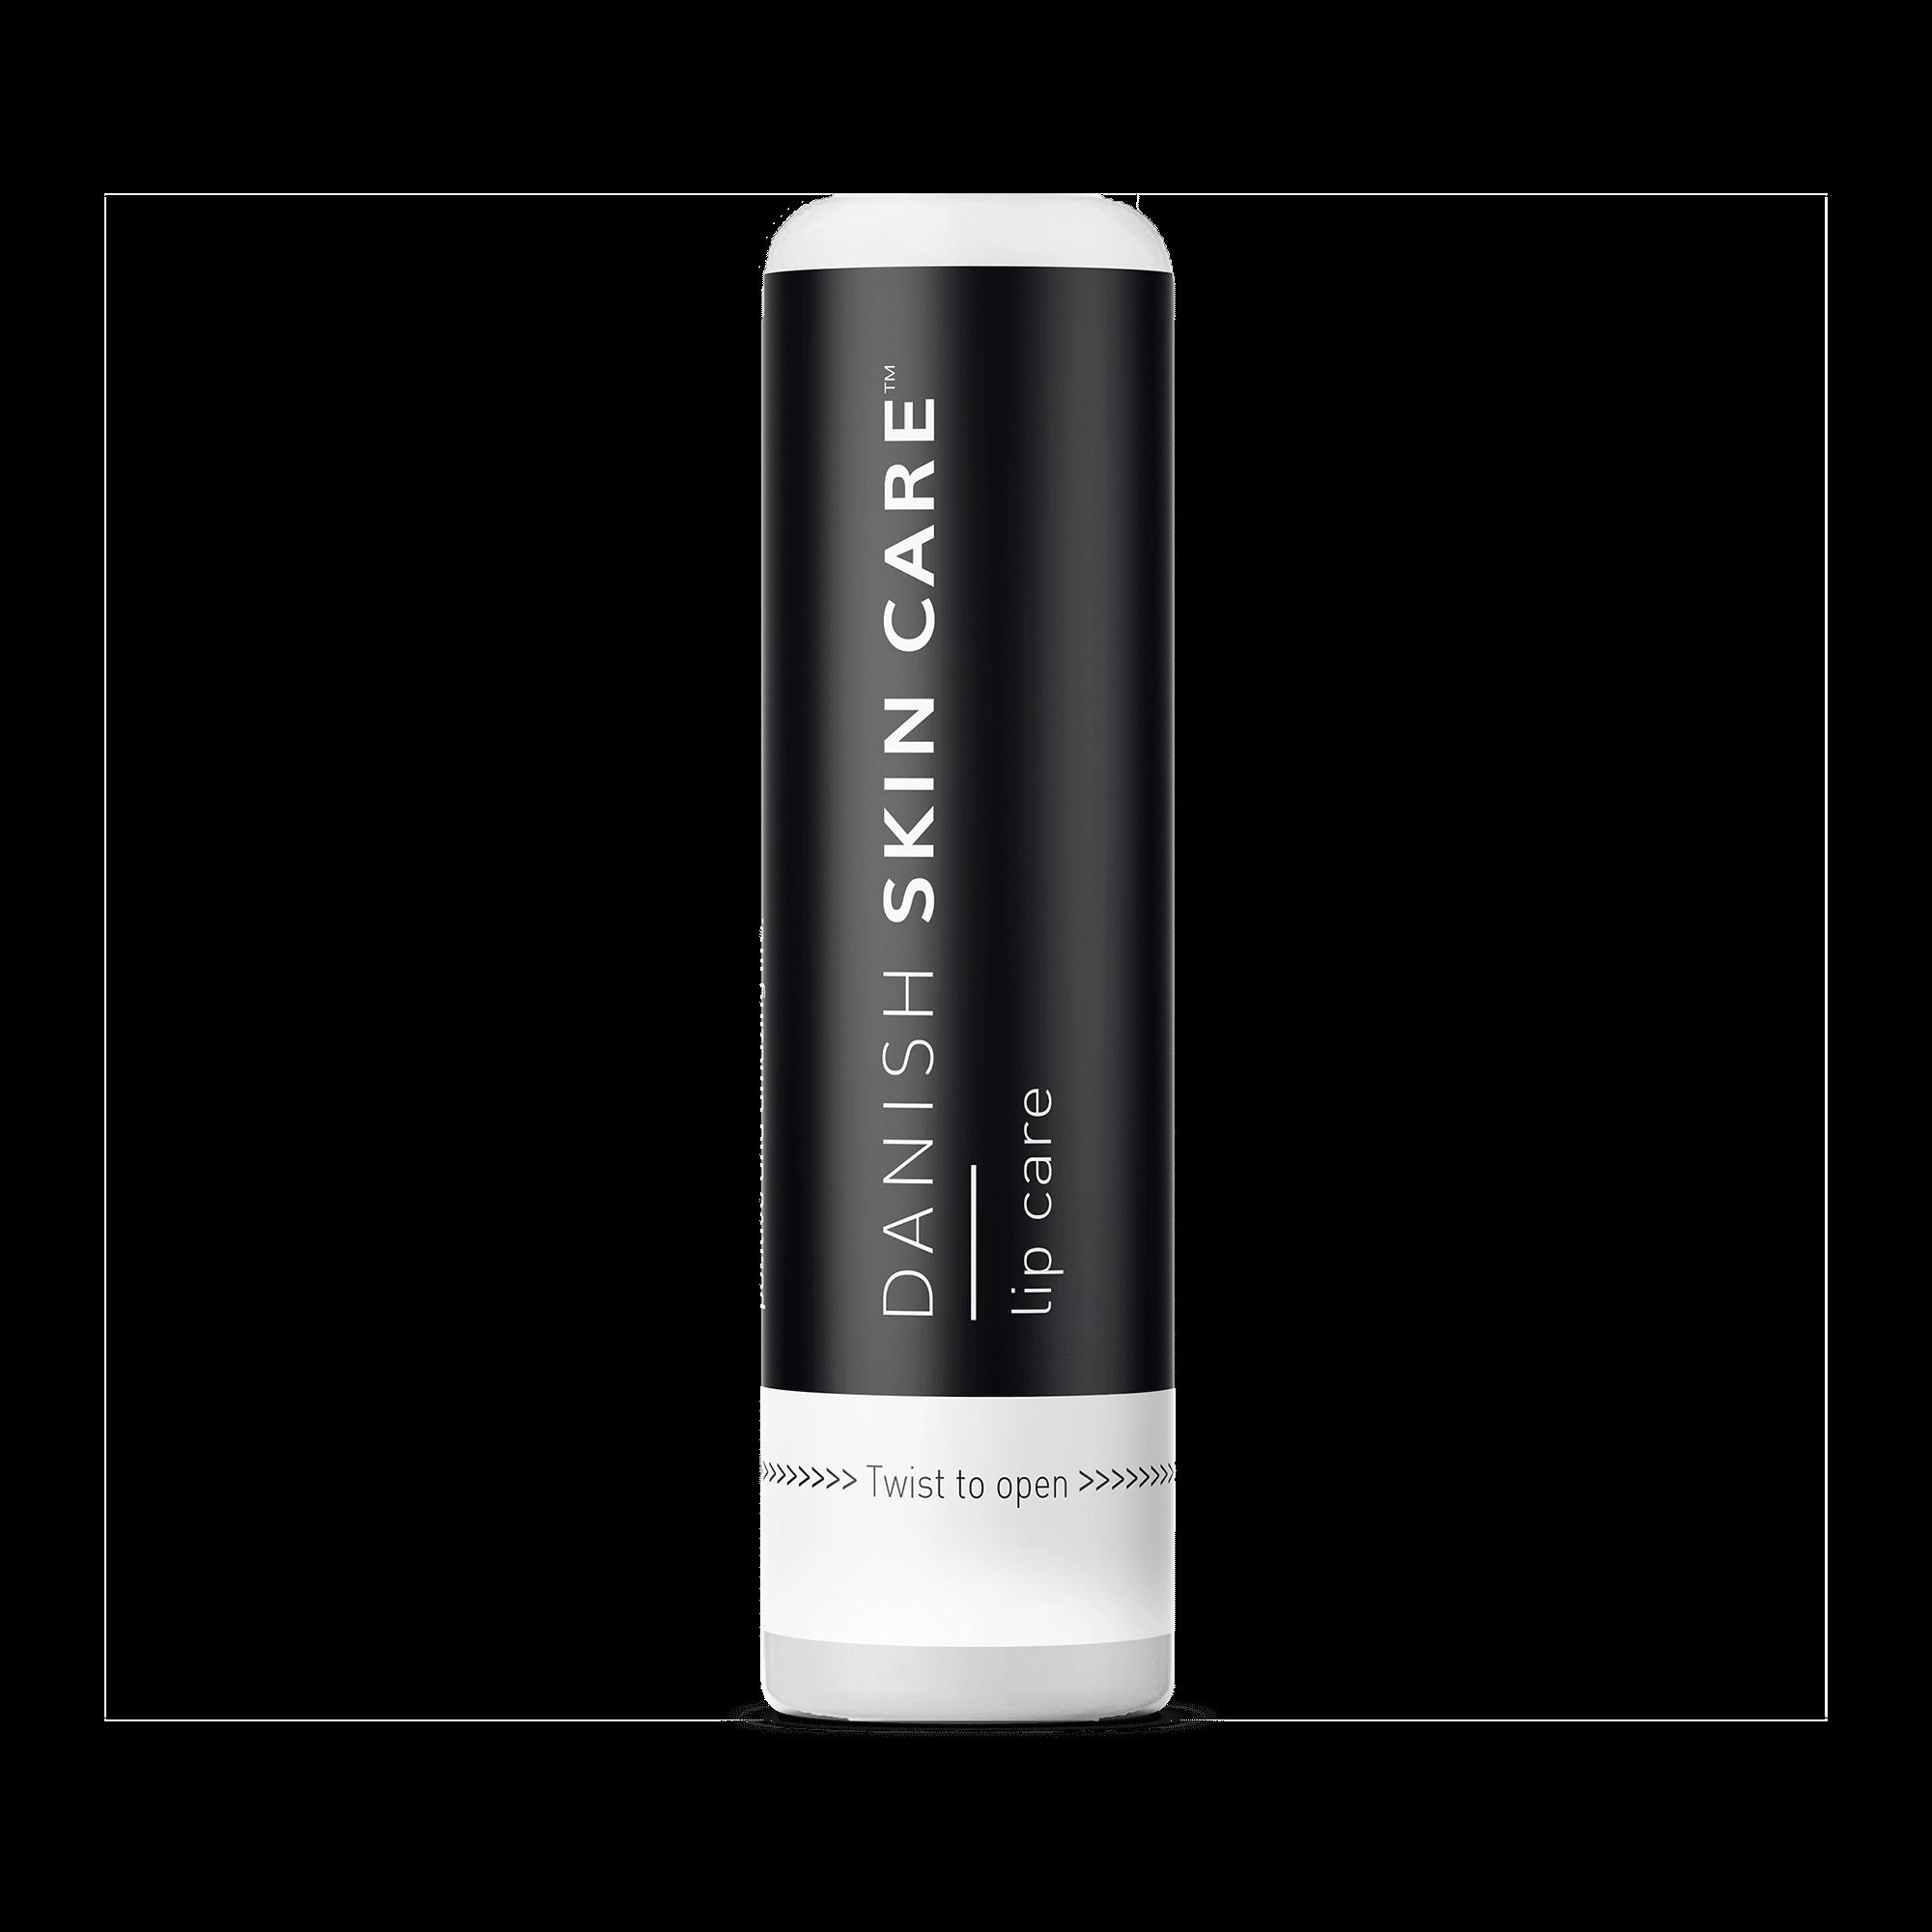 Lip Care - Fantastisk læbepomade til tørre læber